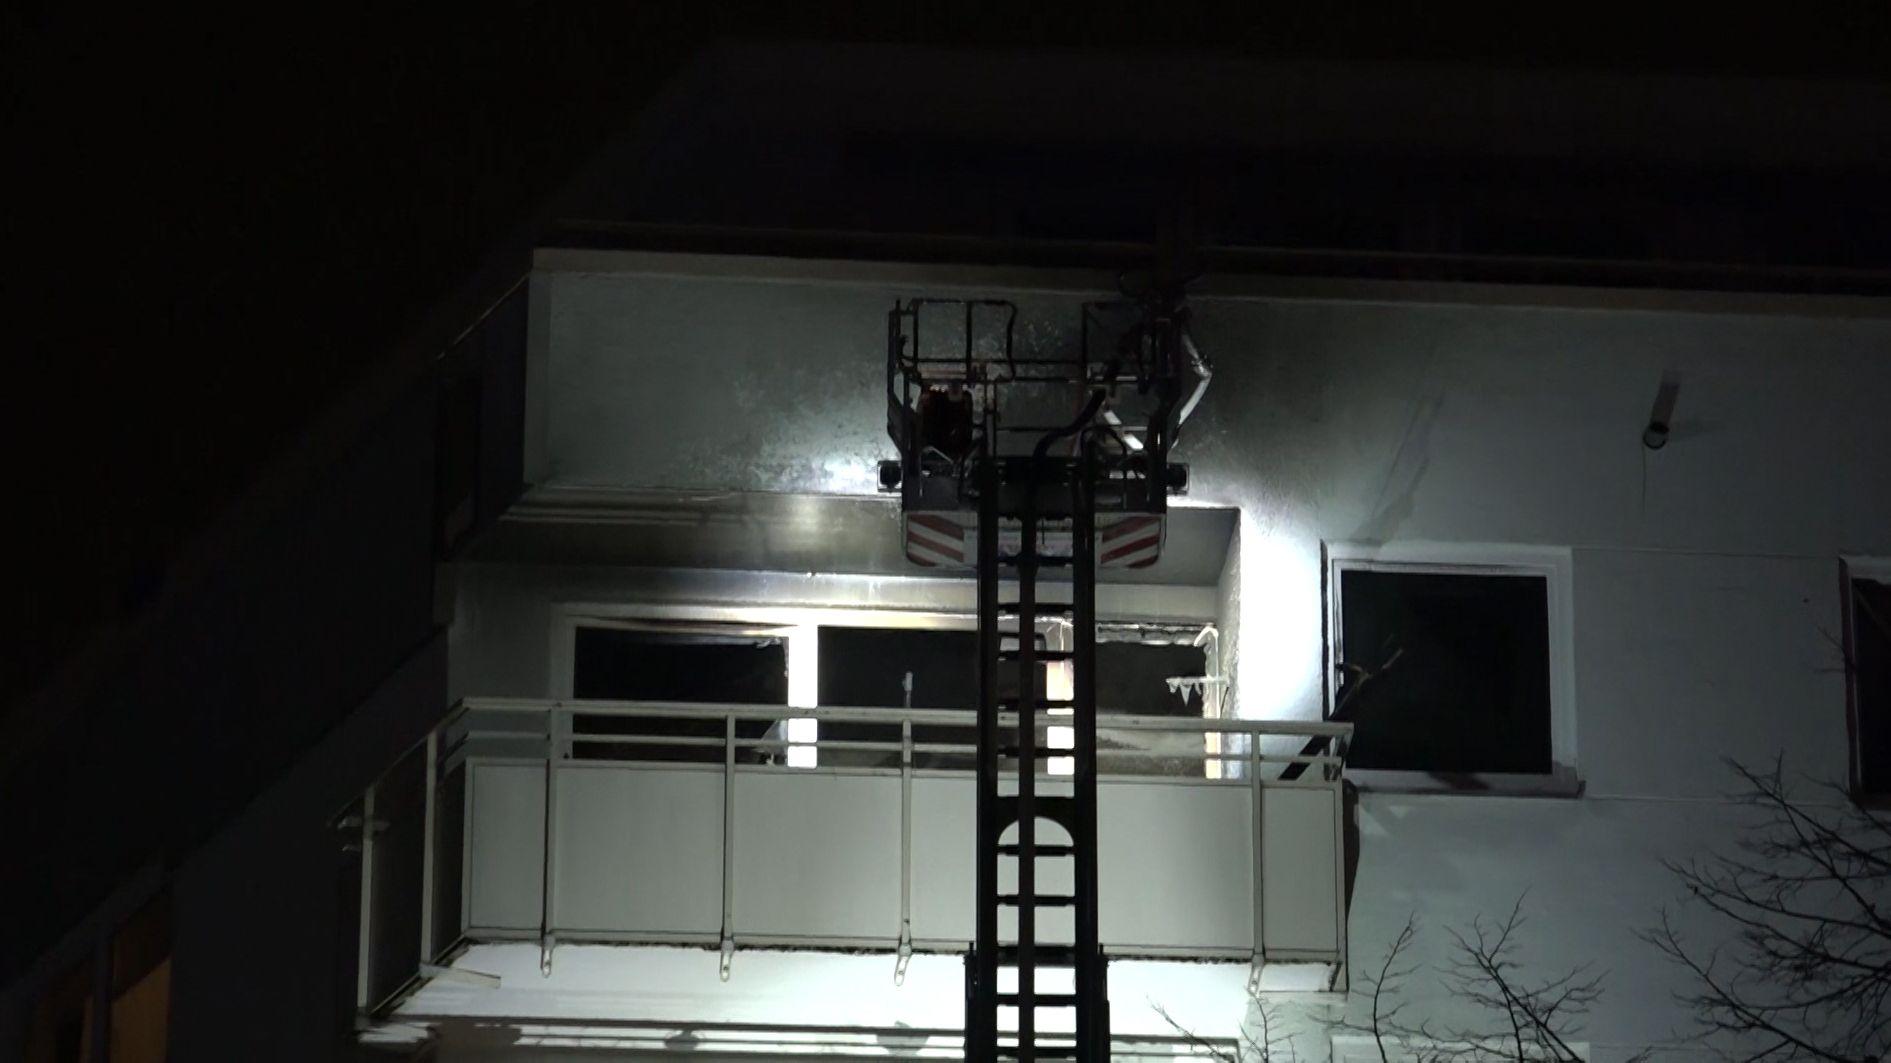 Eine Wohnung im schwäbischen Neusäß brannte am Mittwochabend völlig aus, eine Seniorin erlitt dabei schwere Verletzungen.